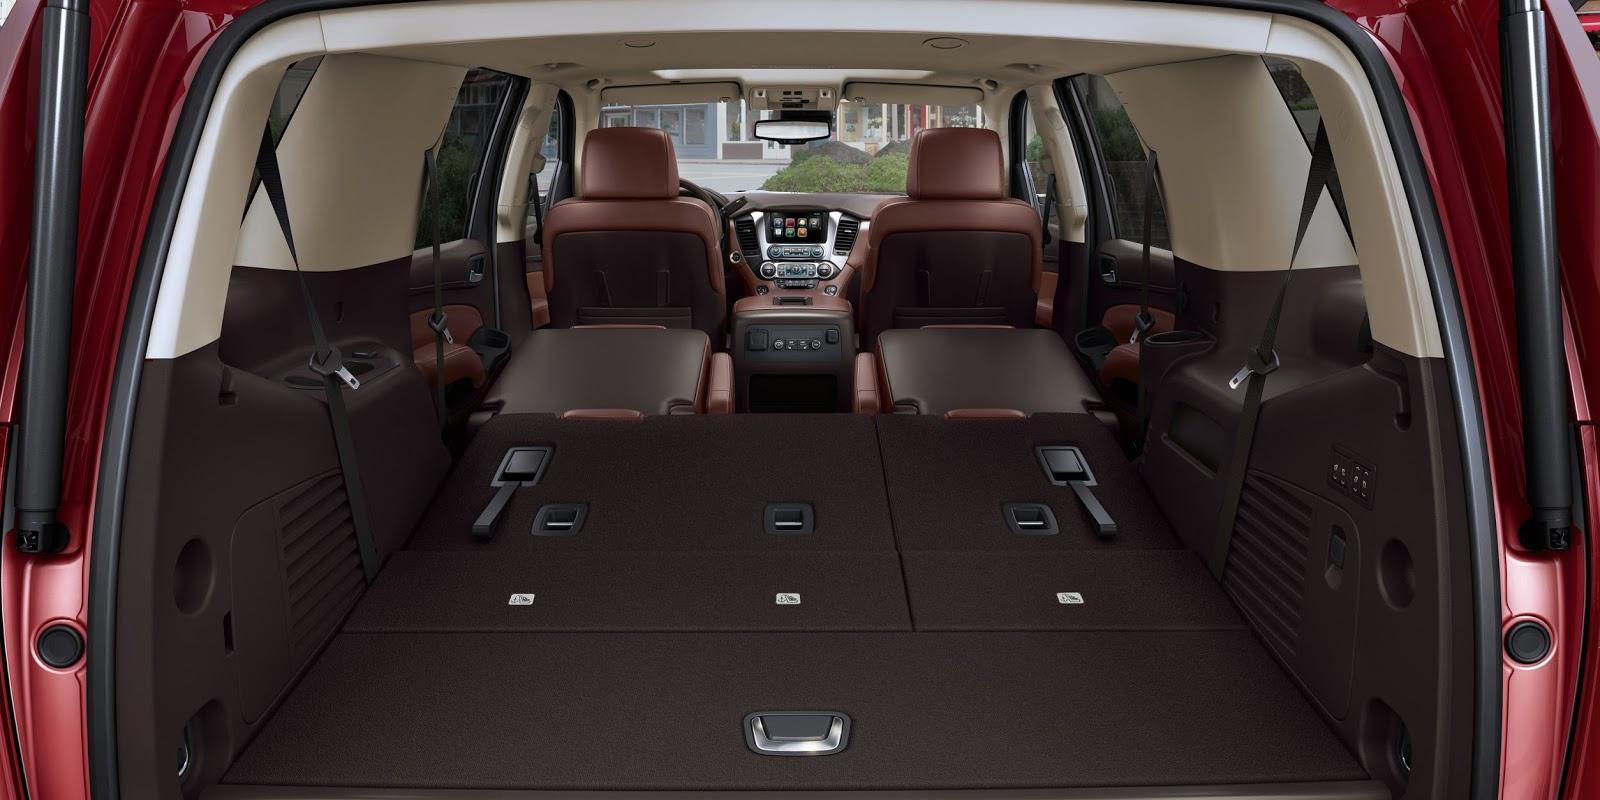 2015 Chevrolet Tahoe et Suburban, GMC Yukon et Yukon XL ...